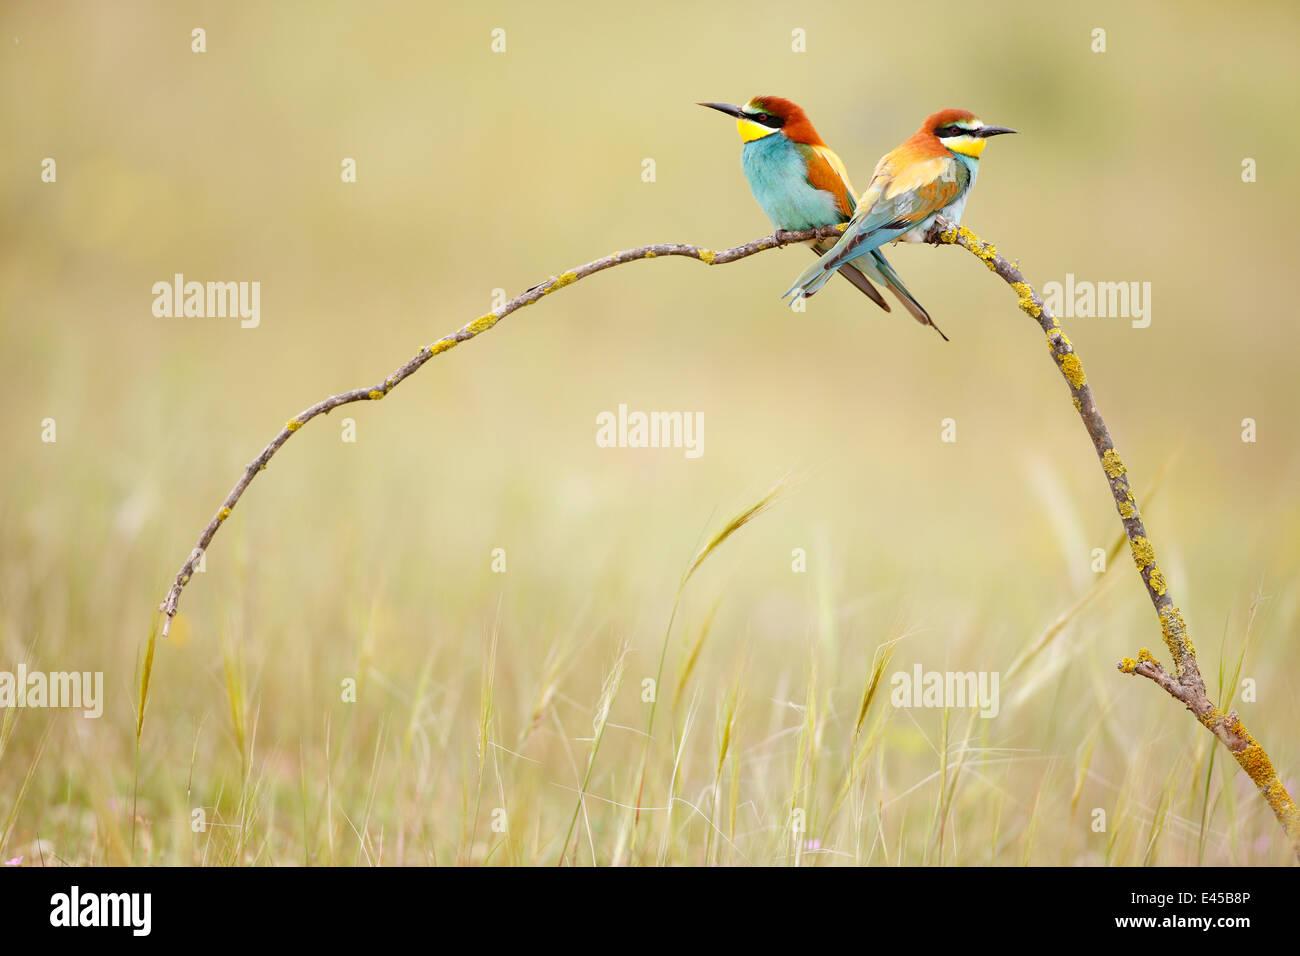 Unione gruccioni (Merops apiaster) sul ramo in prato. Siviglia, Spagna Immagini Stock